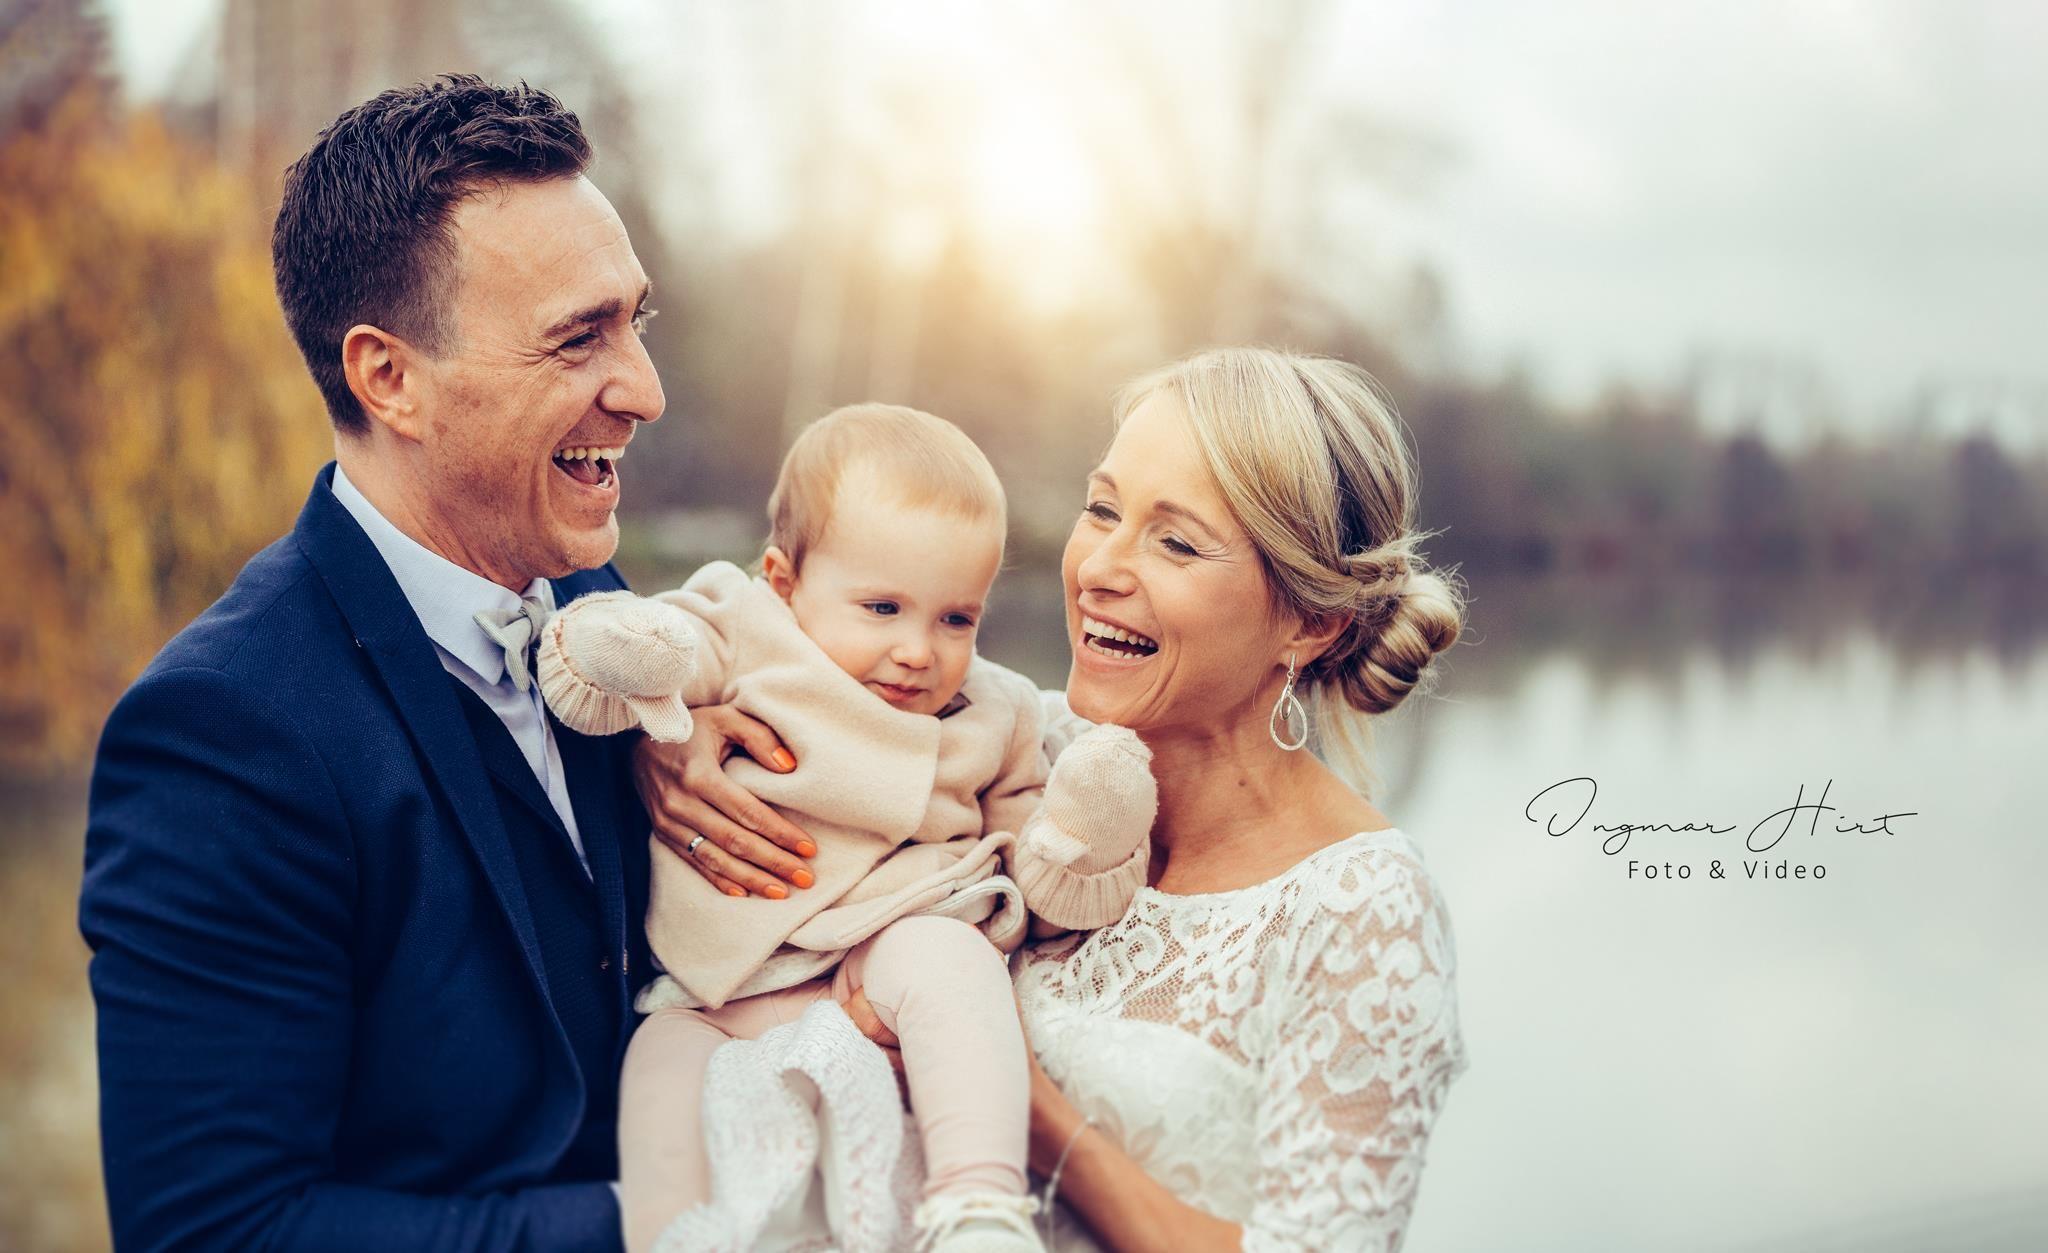 Idee Pose Fotografiche : Hochzeit idee pose filter look vintage wedding foto sunset gießen